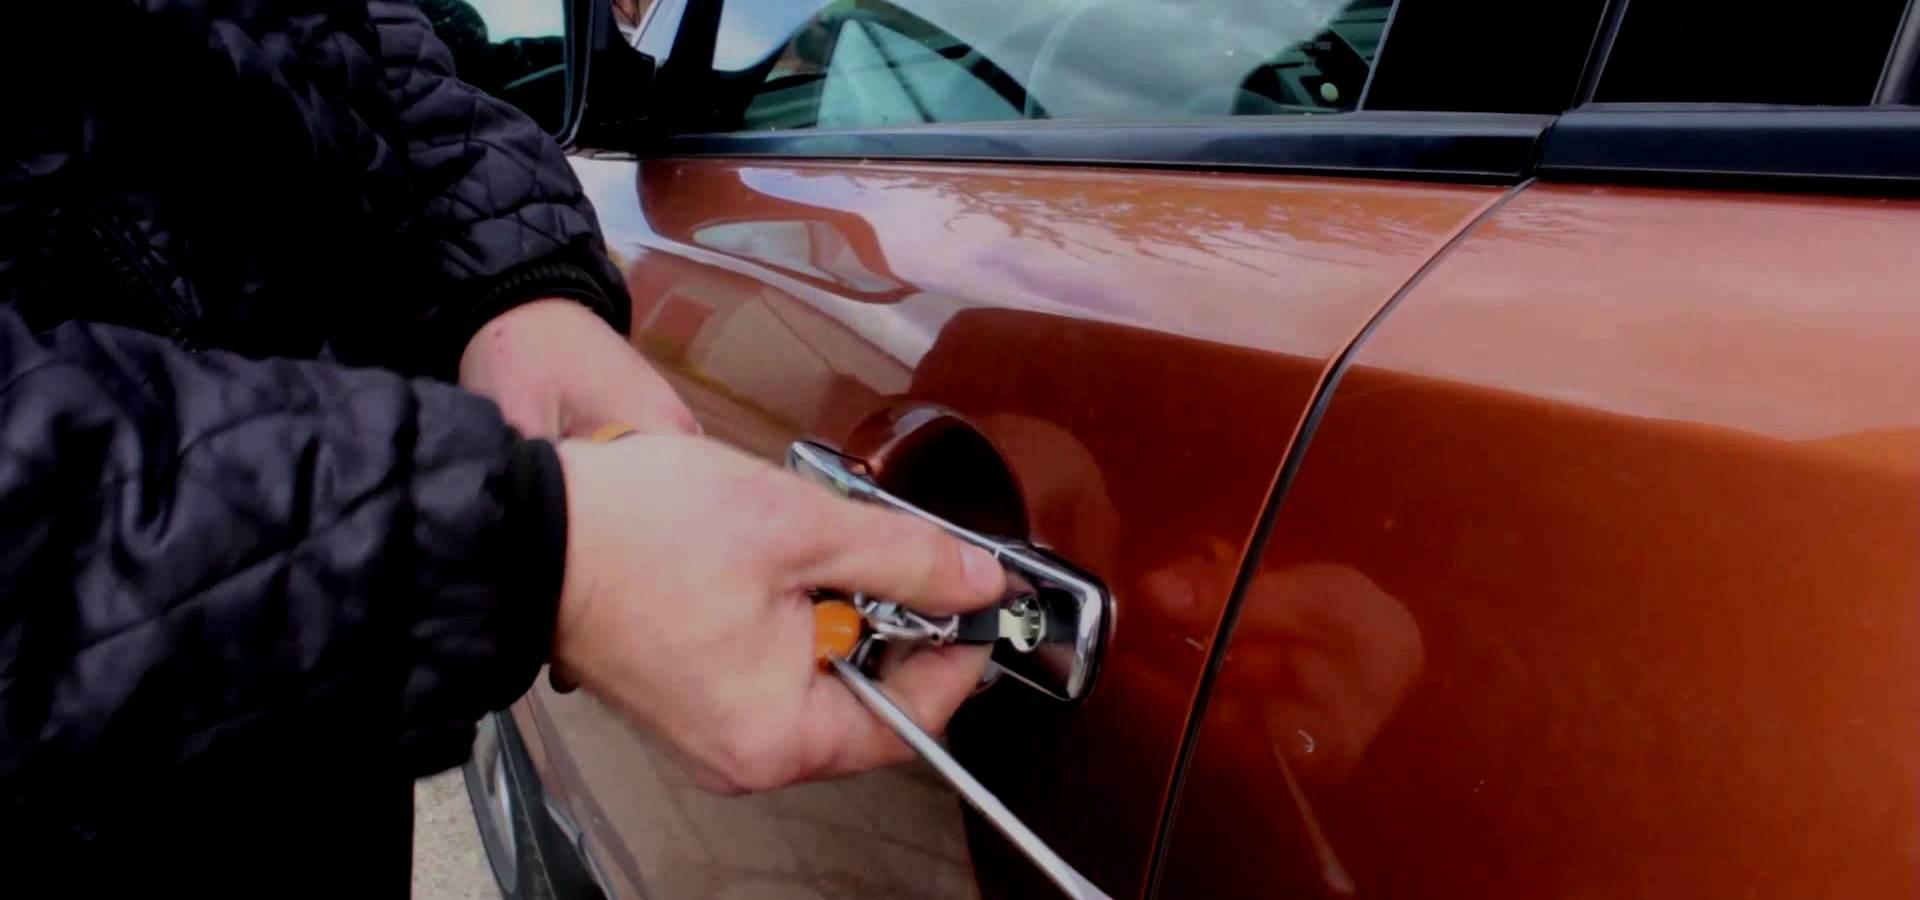 Вскрытие дверей автомобиля фото